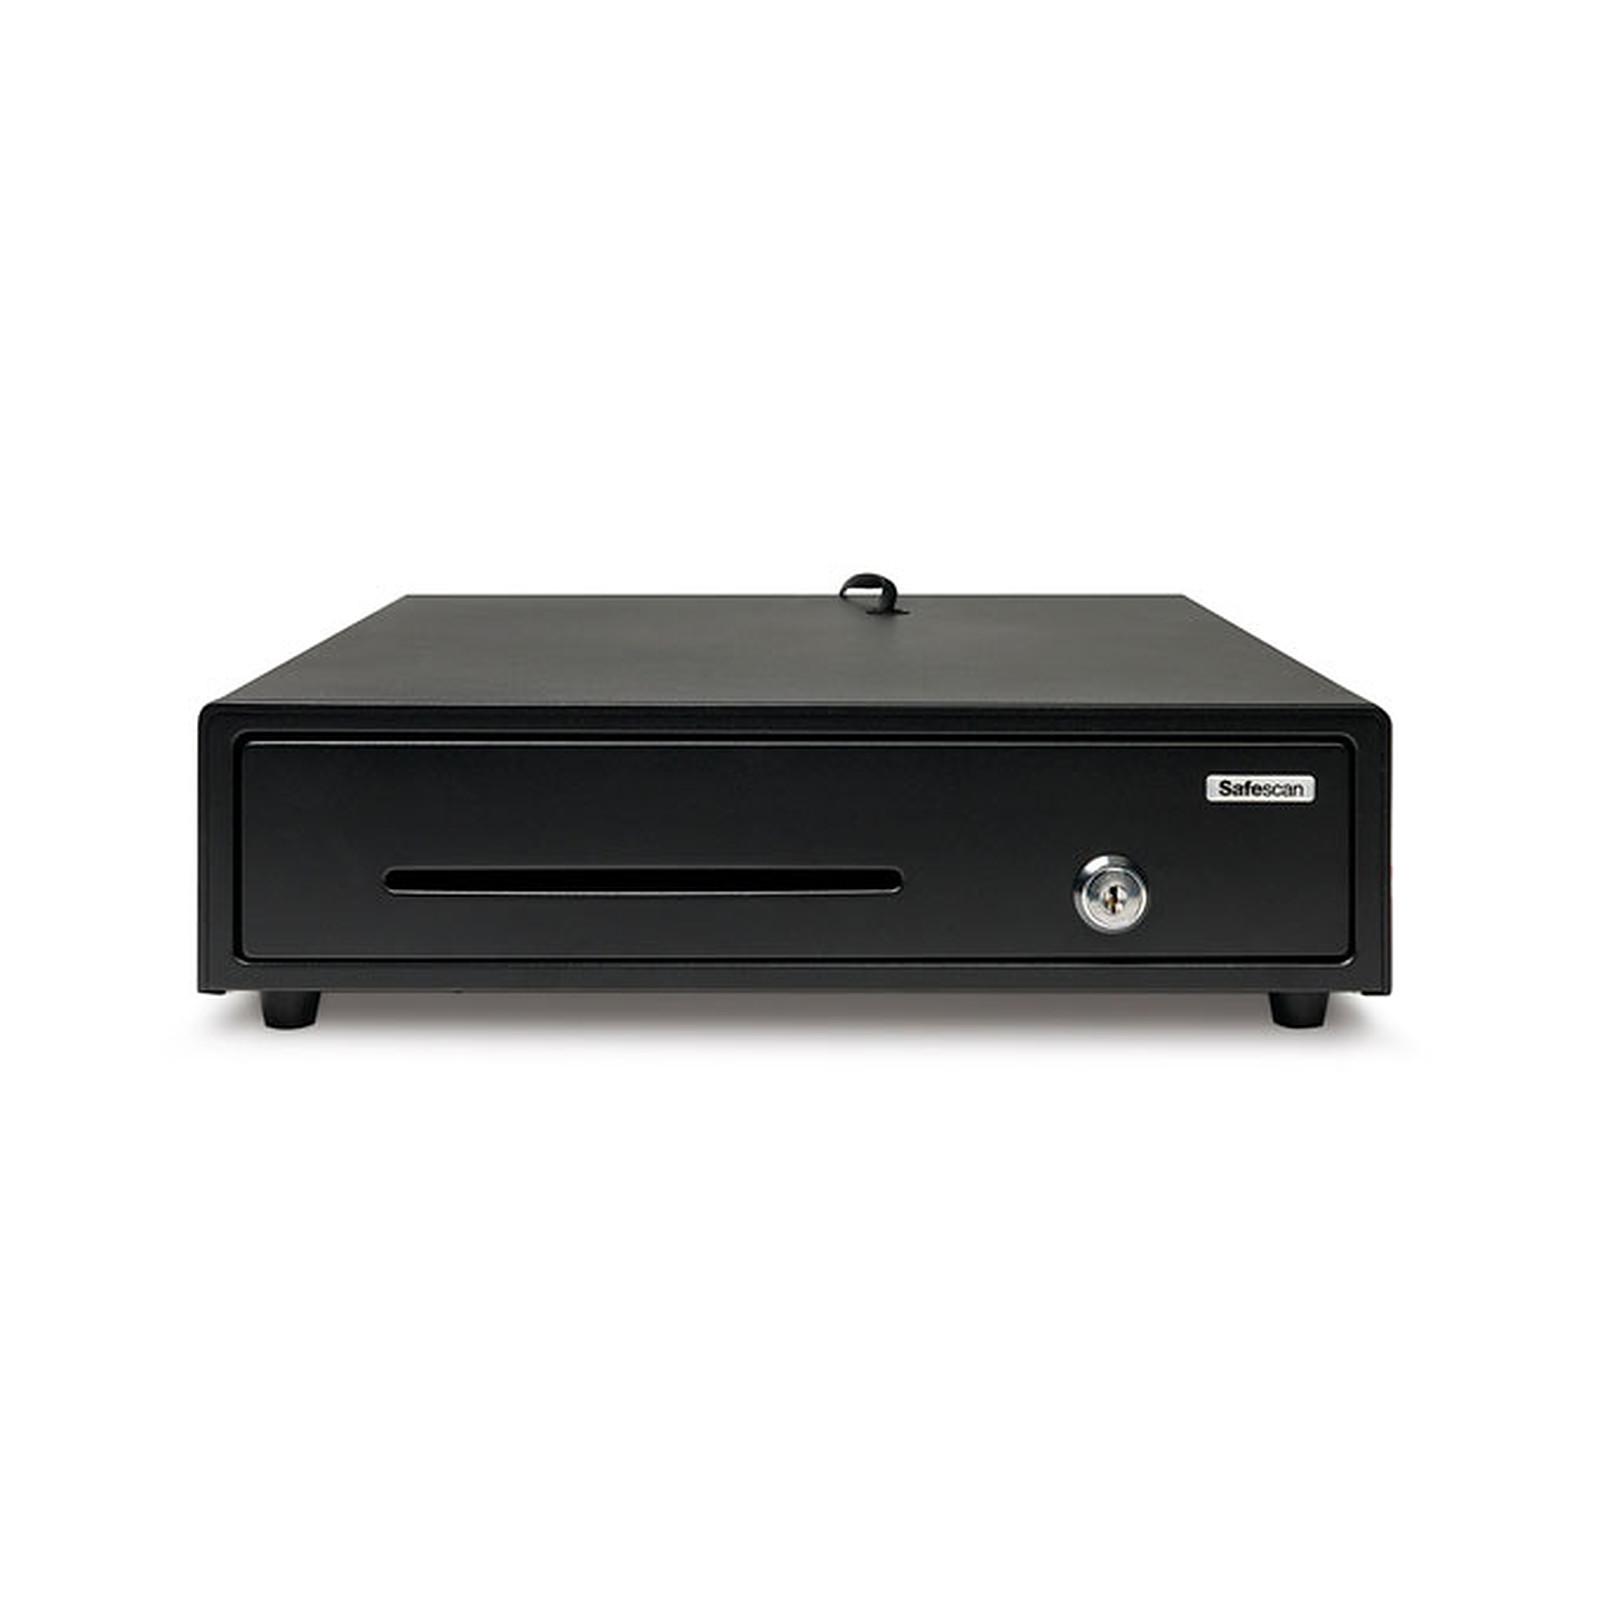 Safescan LD-3336